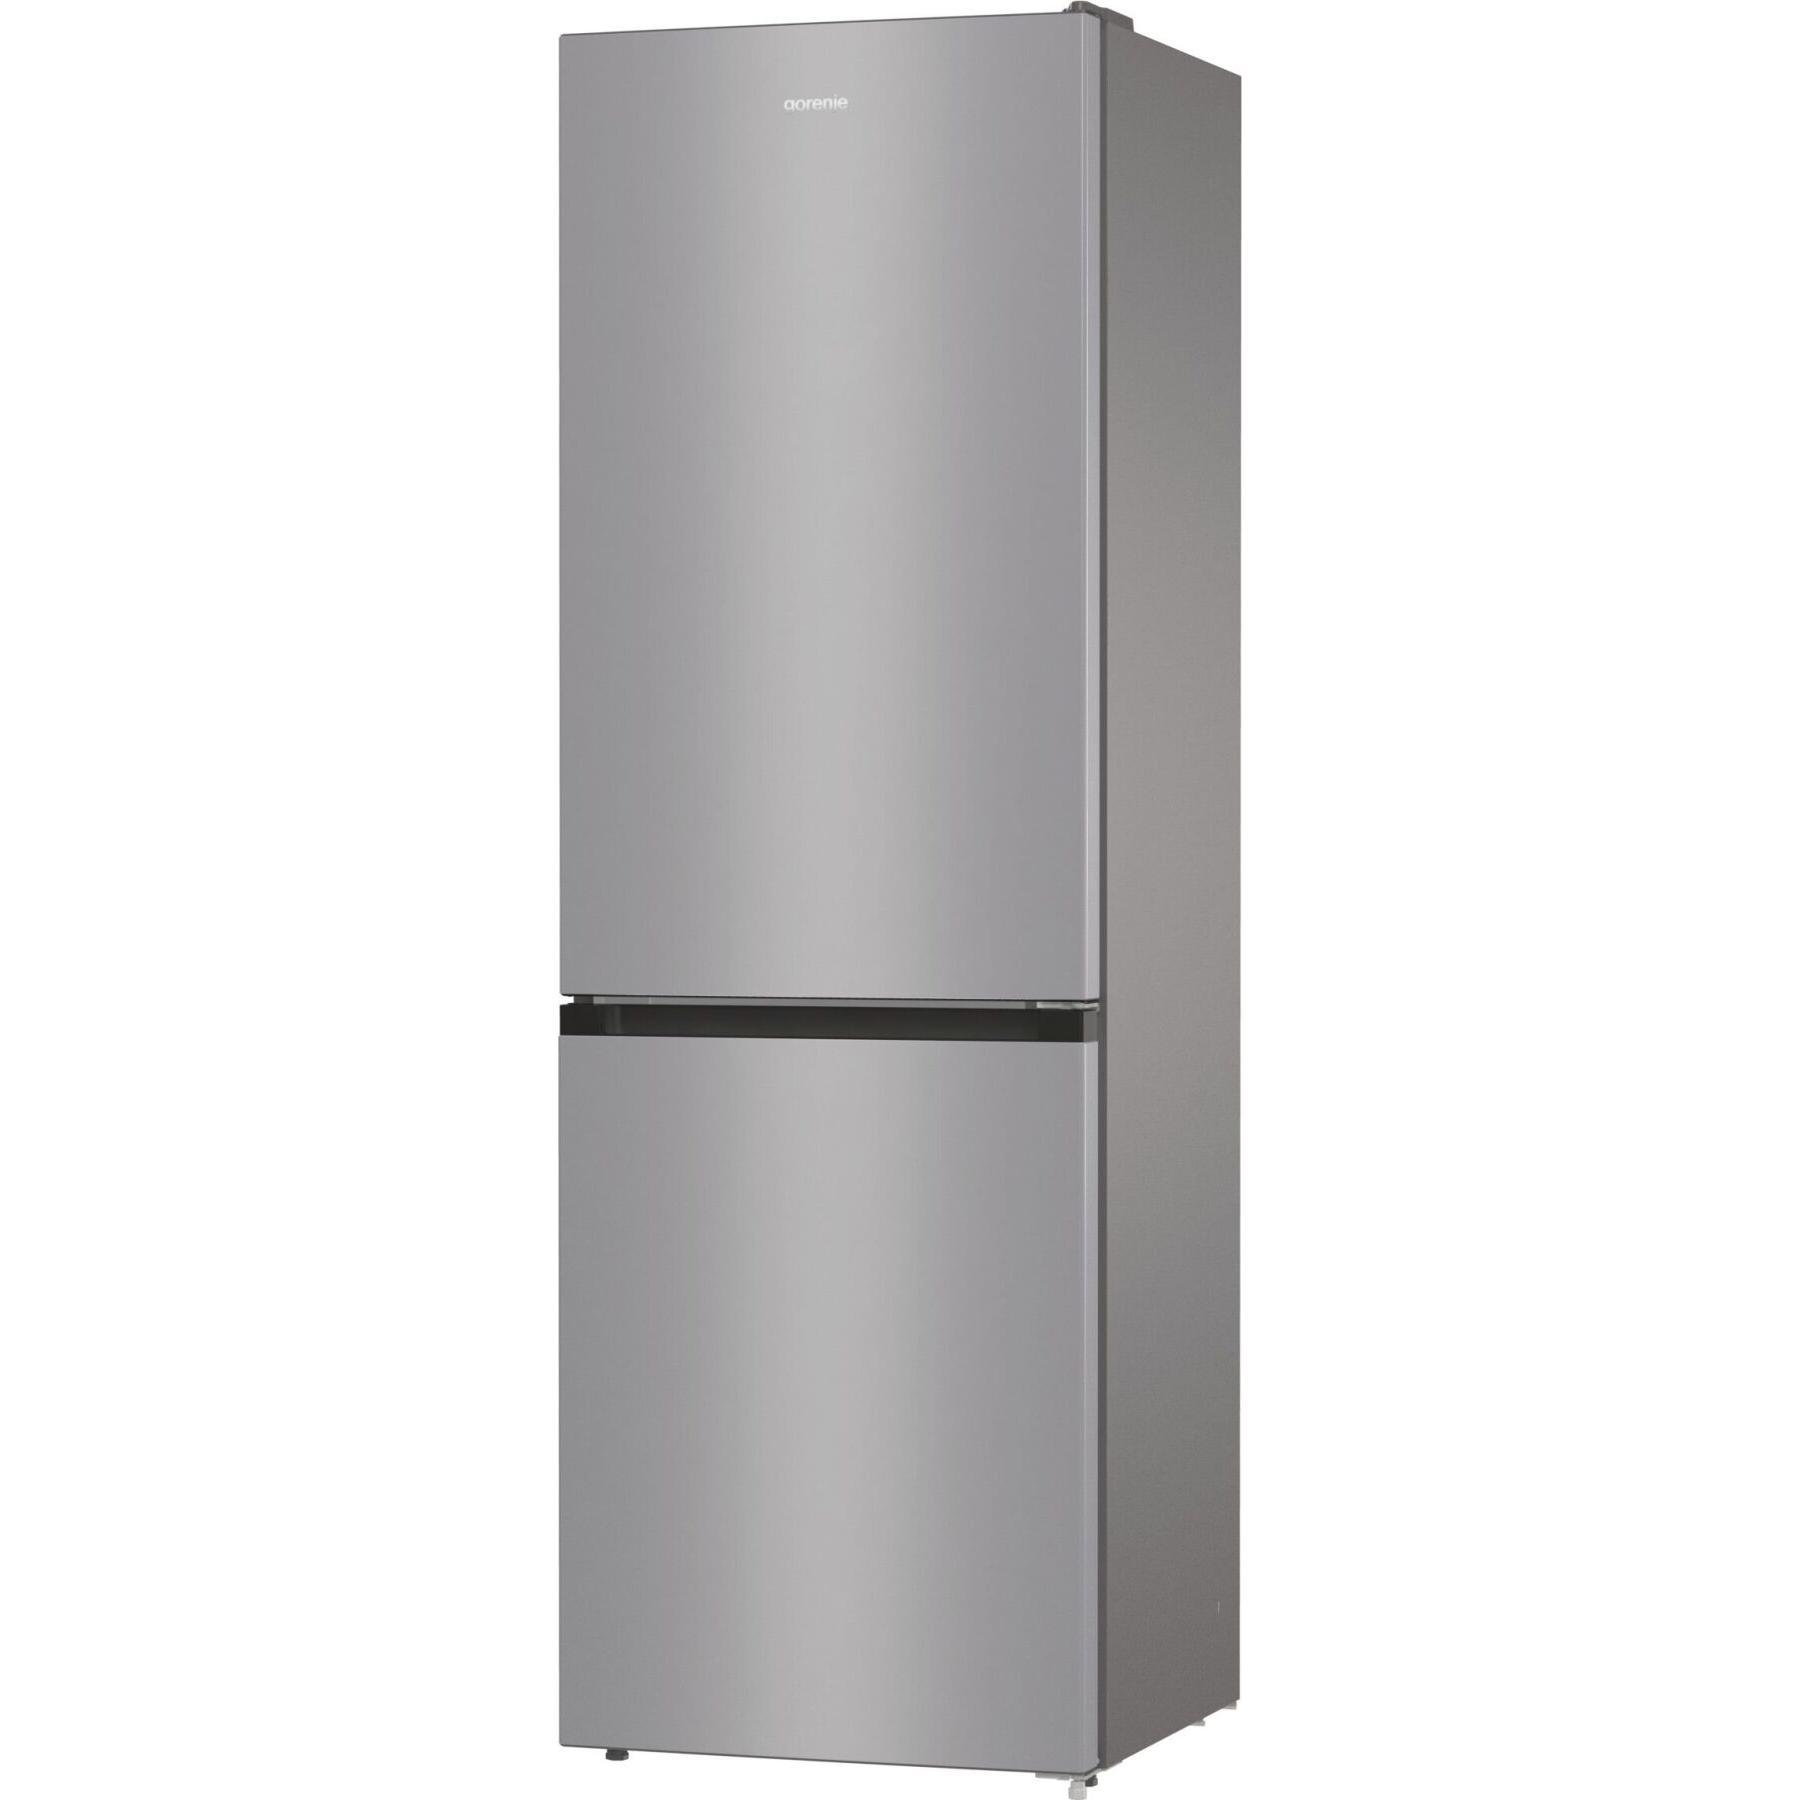 Холодильник Gorenje NRK6191PS4 (Серебряный)  - 1